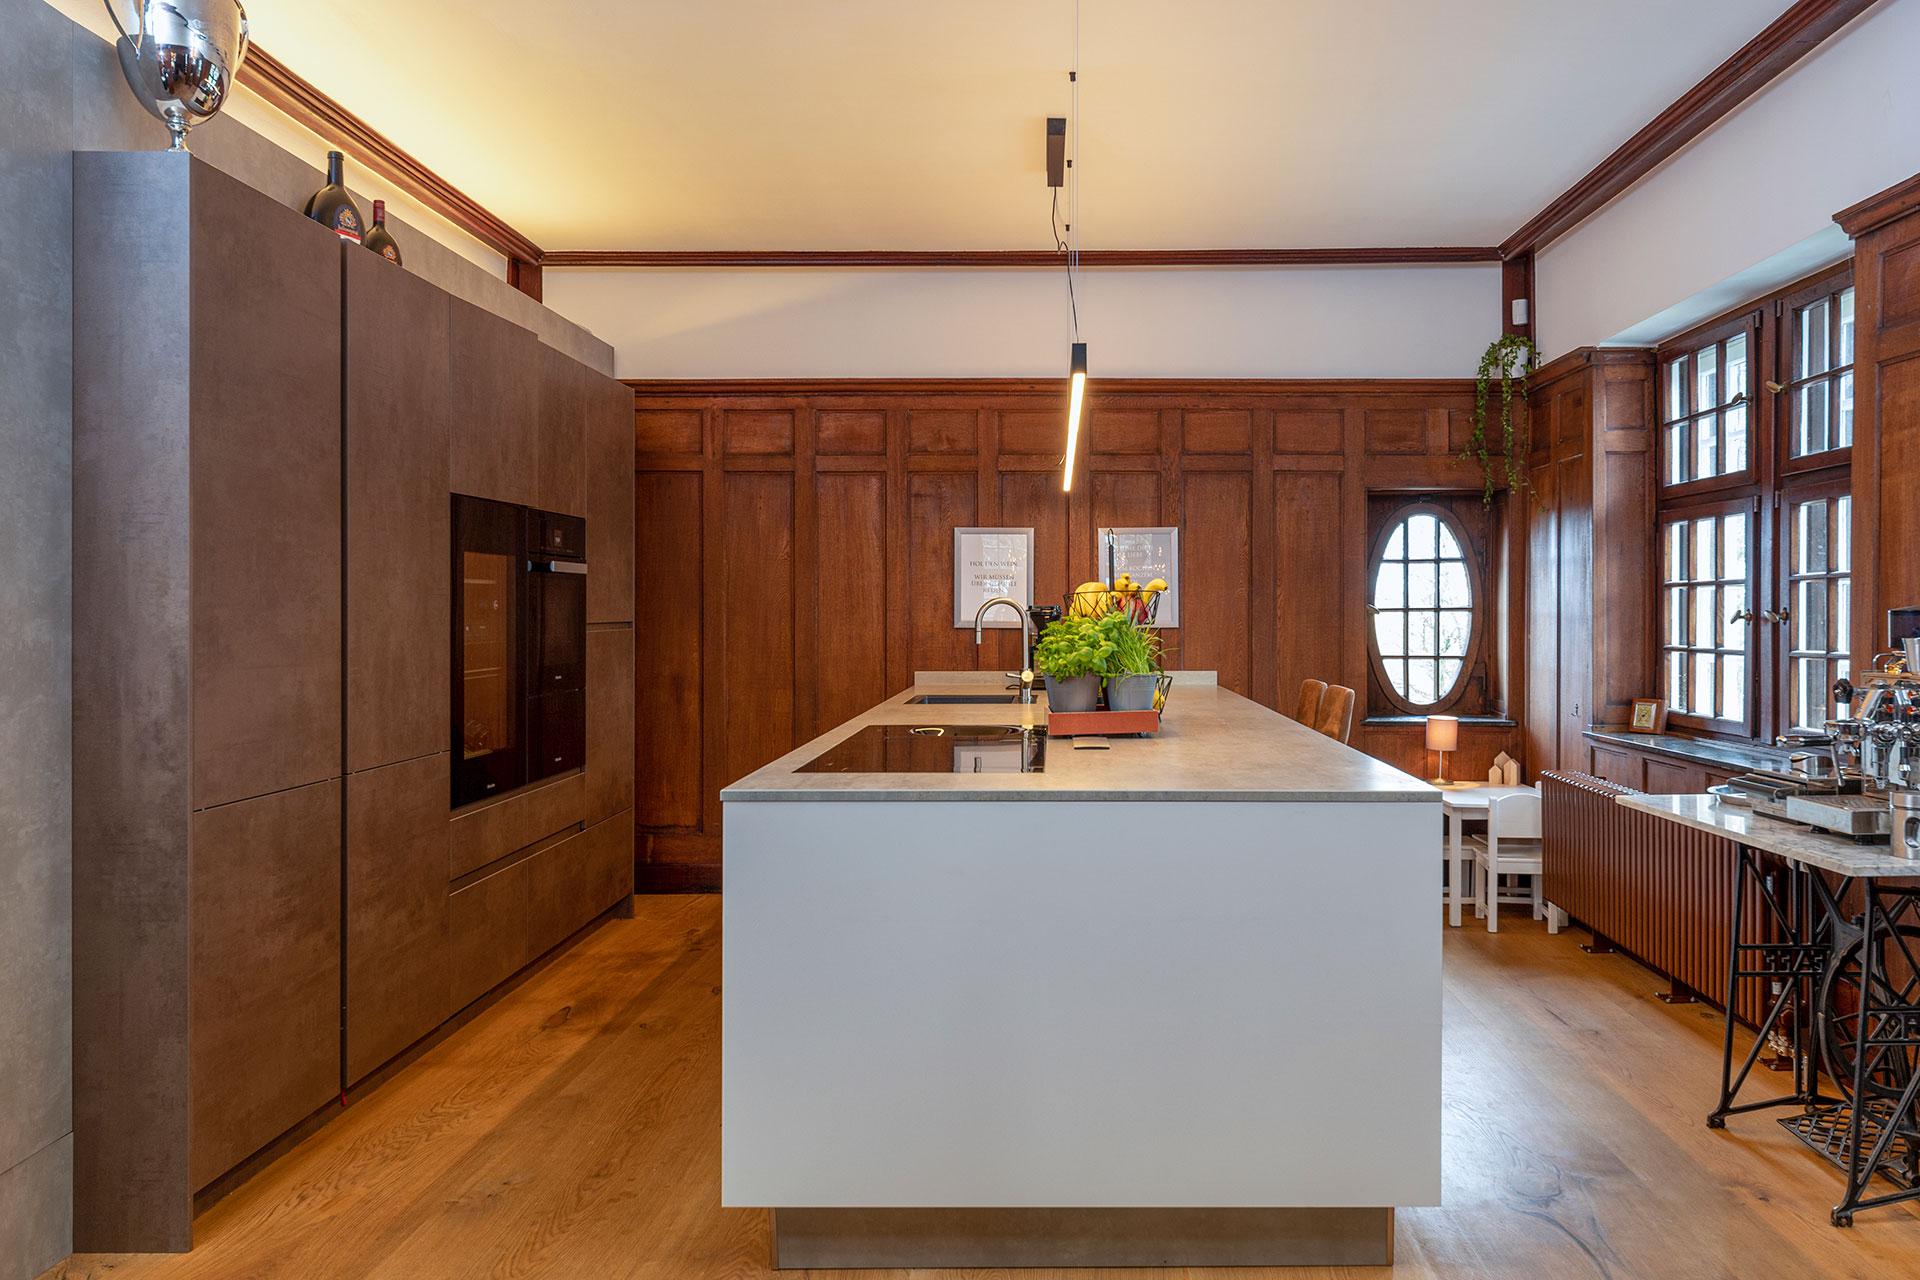 Küche EG - vormals Konferenzraum